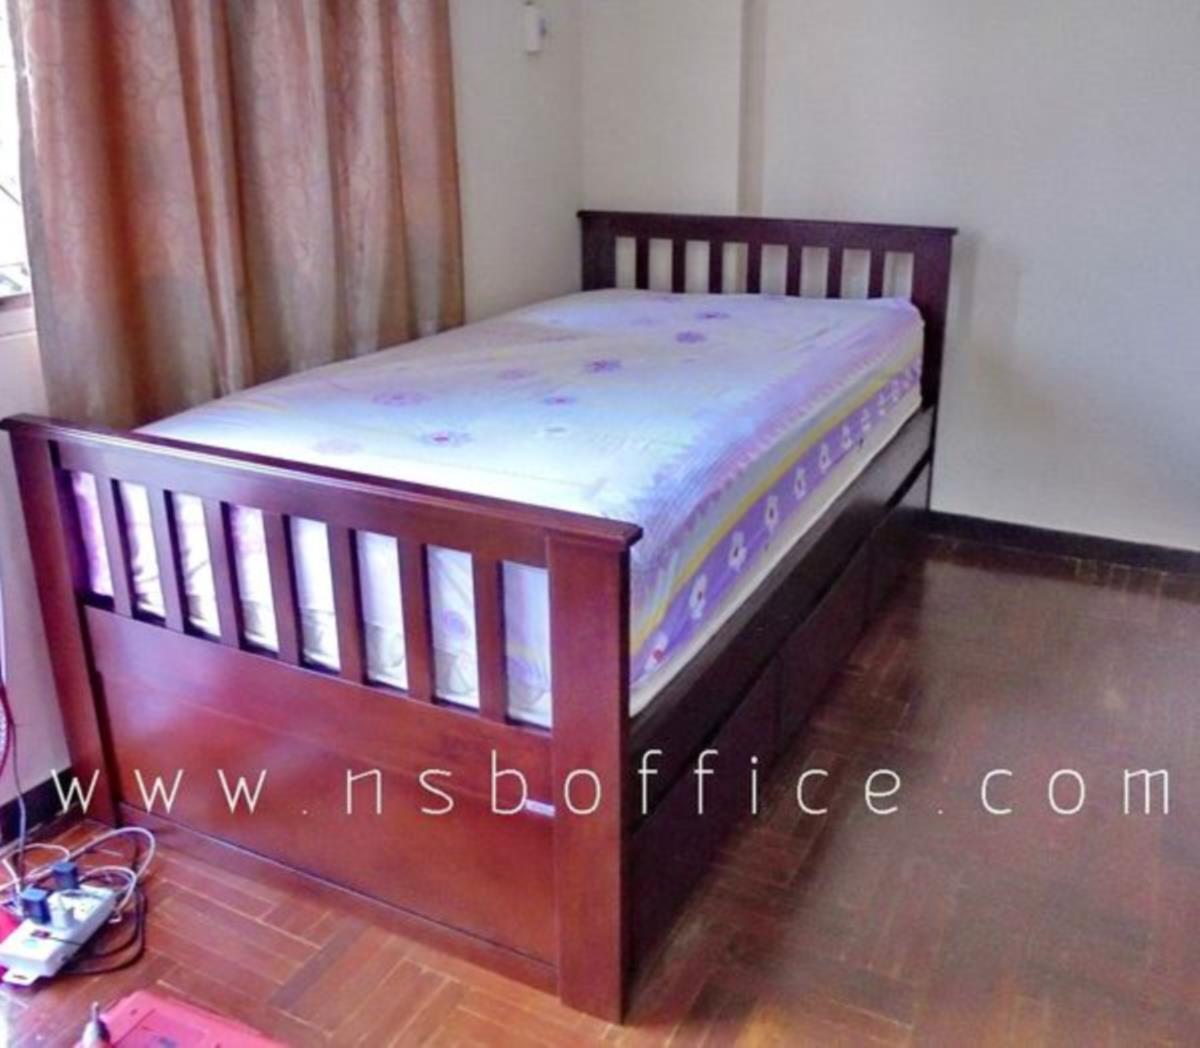 เตียงเดี่ยว 3.5 ฟุต แบบมีเตียงเสริมด้านใต้ ไม้ยางพารา   (สต็อก 3 ชุด)